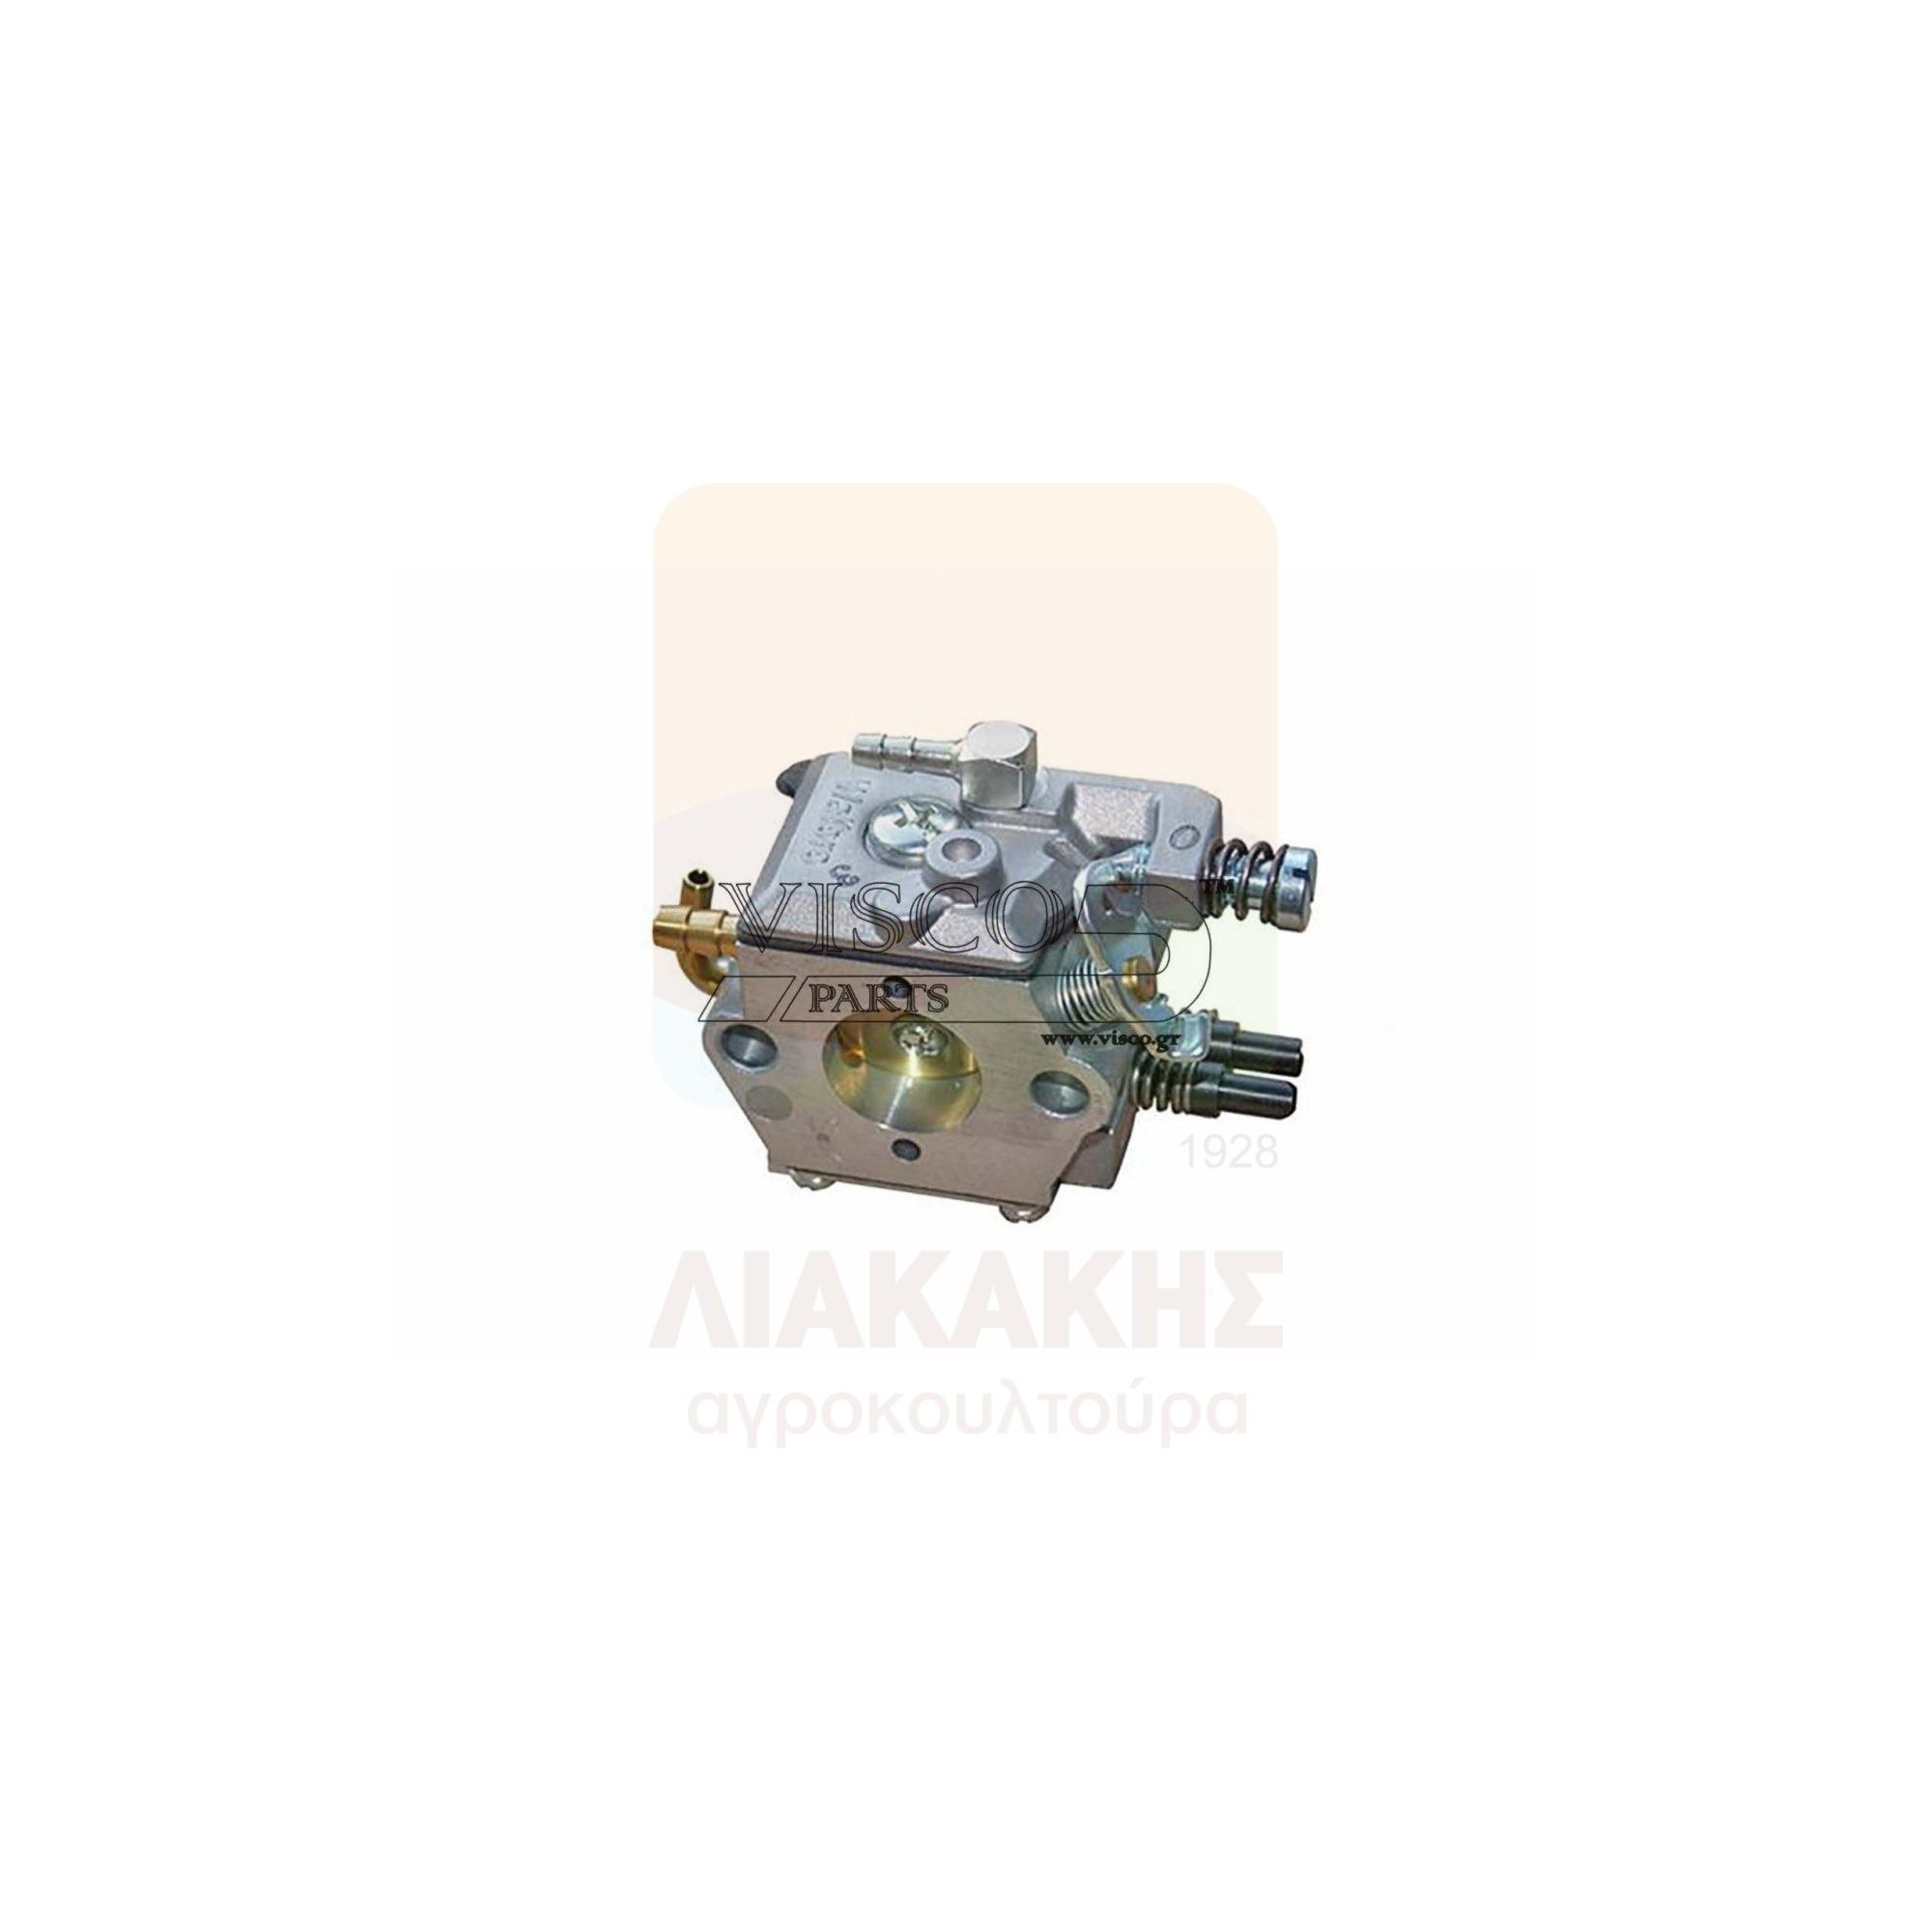 ΚΑΡ-090 Καρμπυρατέρ DOLMAR-MAKITA 100-PS 340 – PS 400-PS 401-PS 410 DCS 340- DCS 400-DCS 401-DCS 410 ORIGINAL